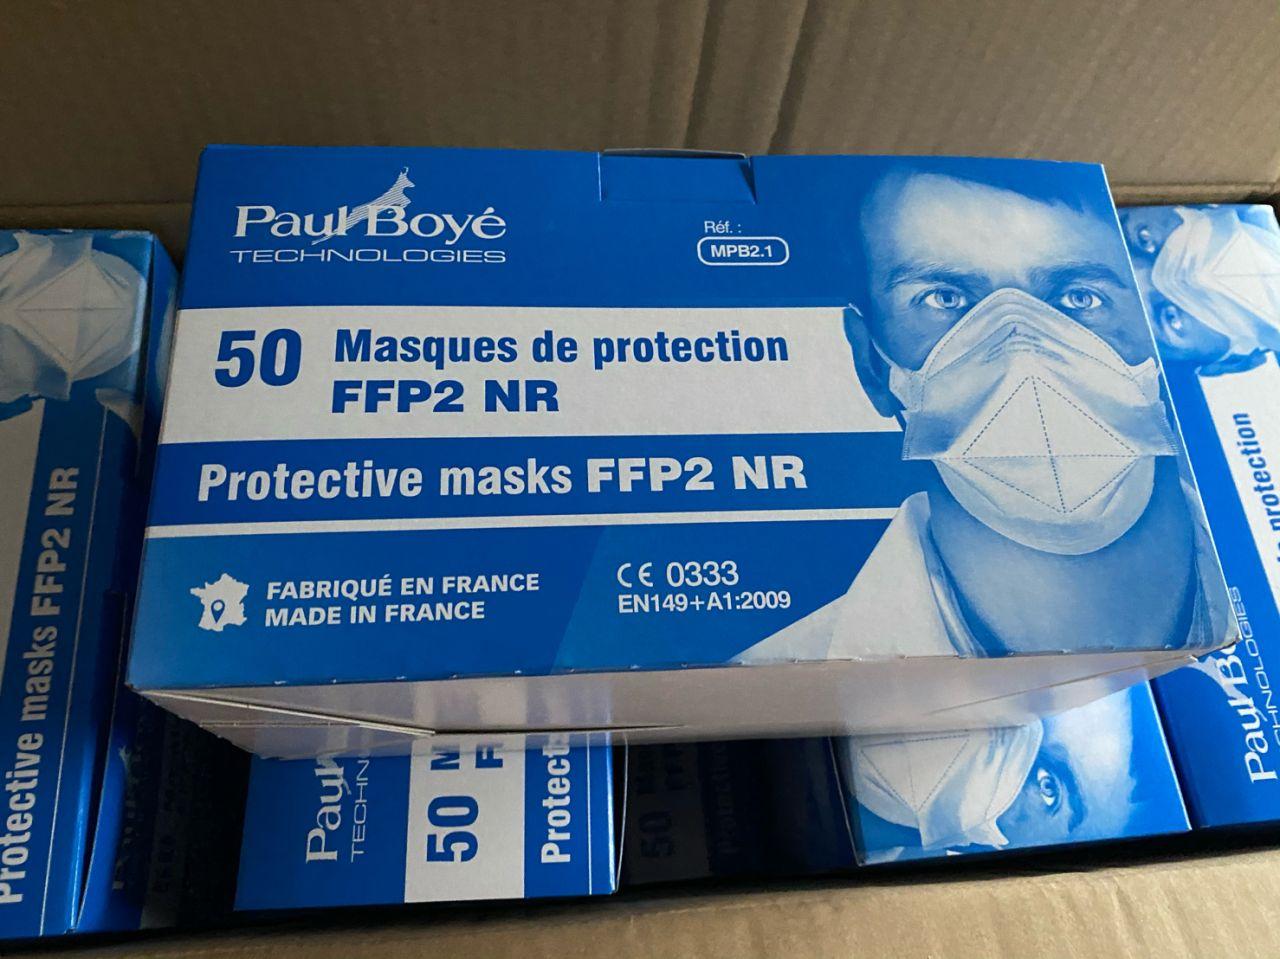 L'entreprise Paul Boyé Technologies basée entre Toulouse et l'Ariège est en train de développer un nouveau type de masque capable d'éliminer toutes les bactéries et les virus à son contact.